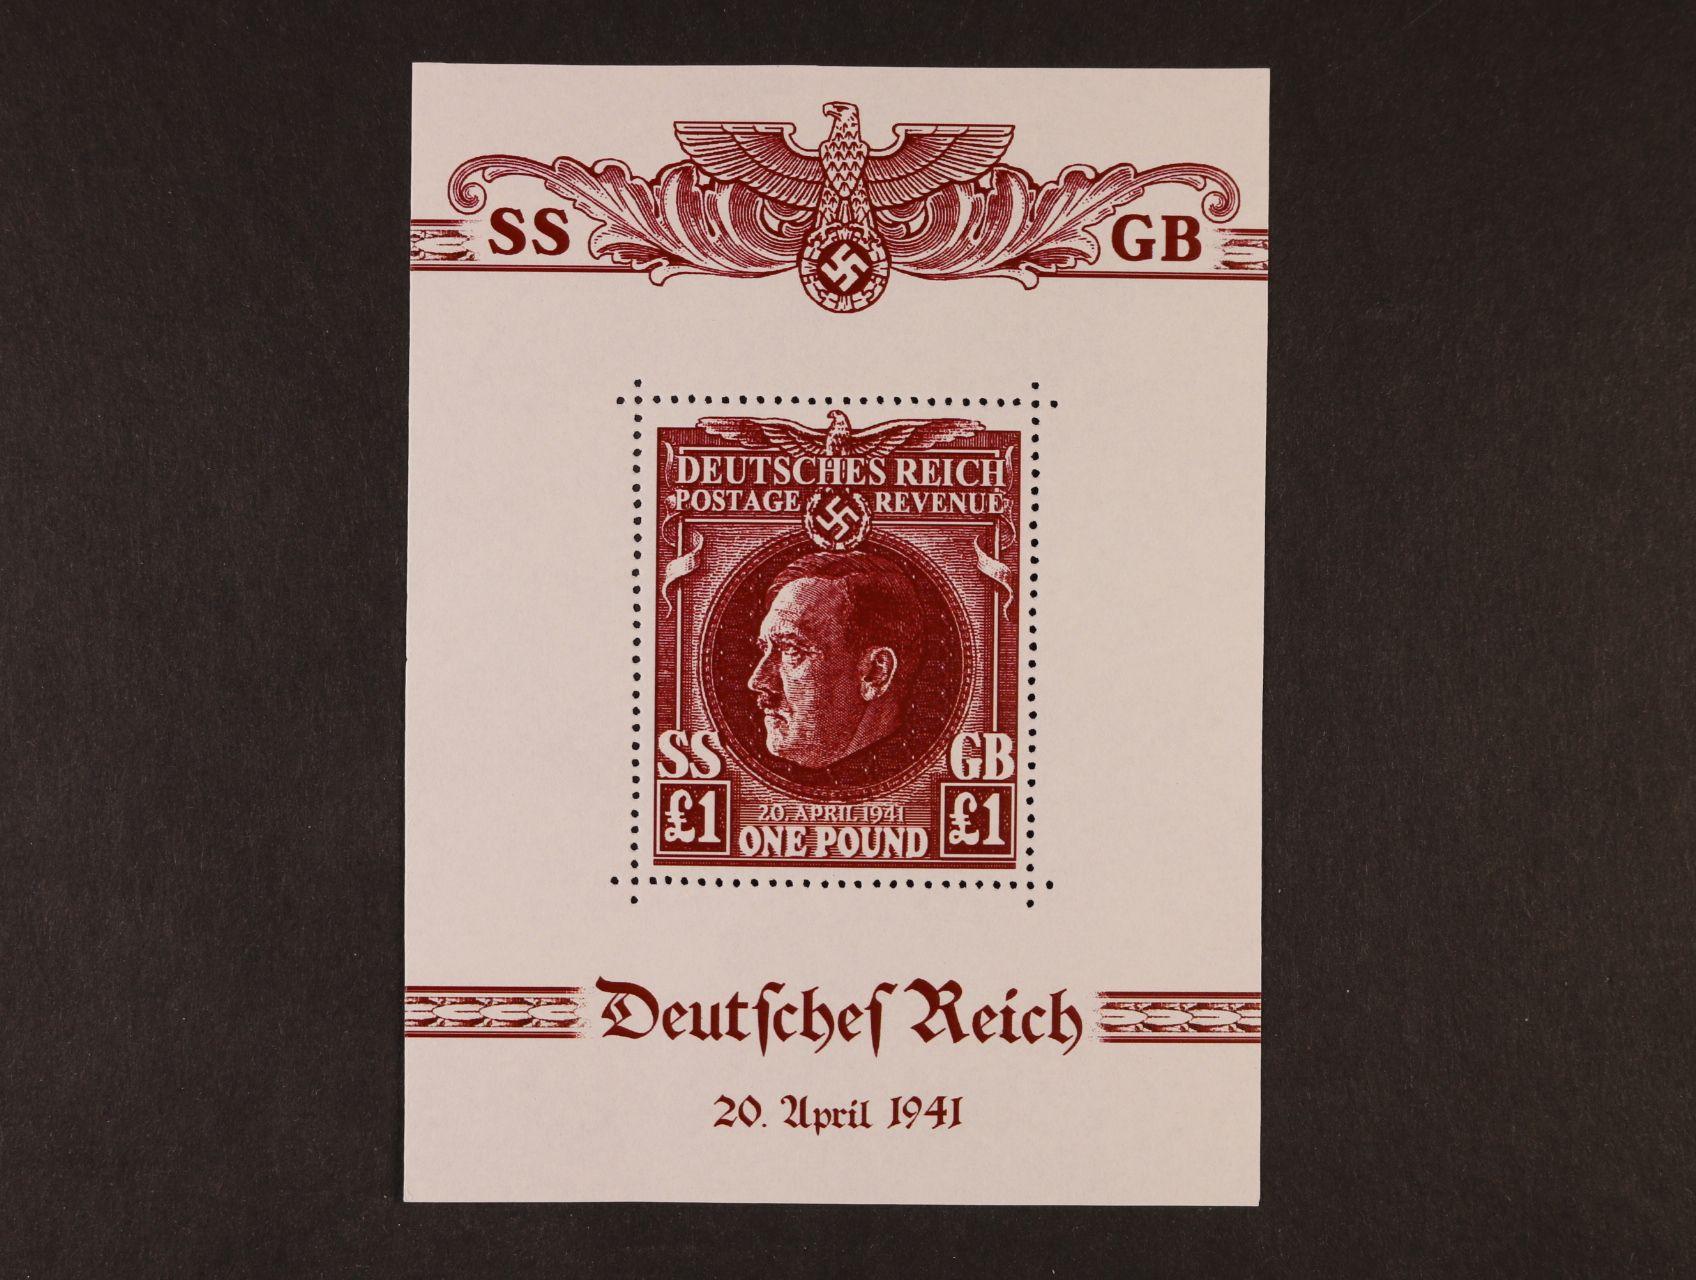 Propagační falza - privátní tisk s hodnotou 1 Libra v ašíkové úpravě v červenohnědé barvě na papíře bez lepu